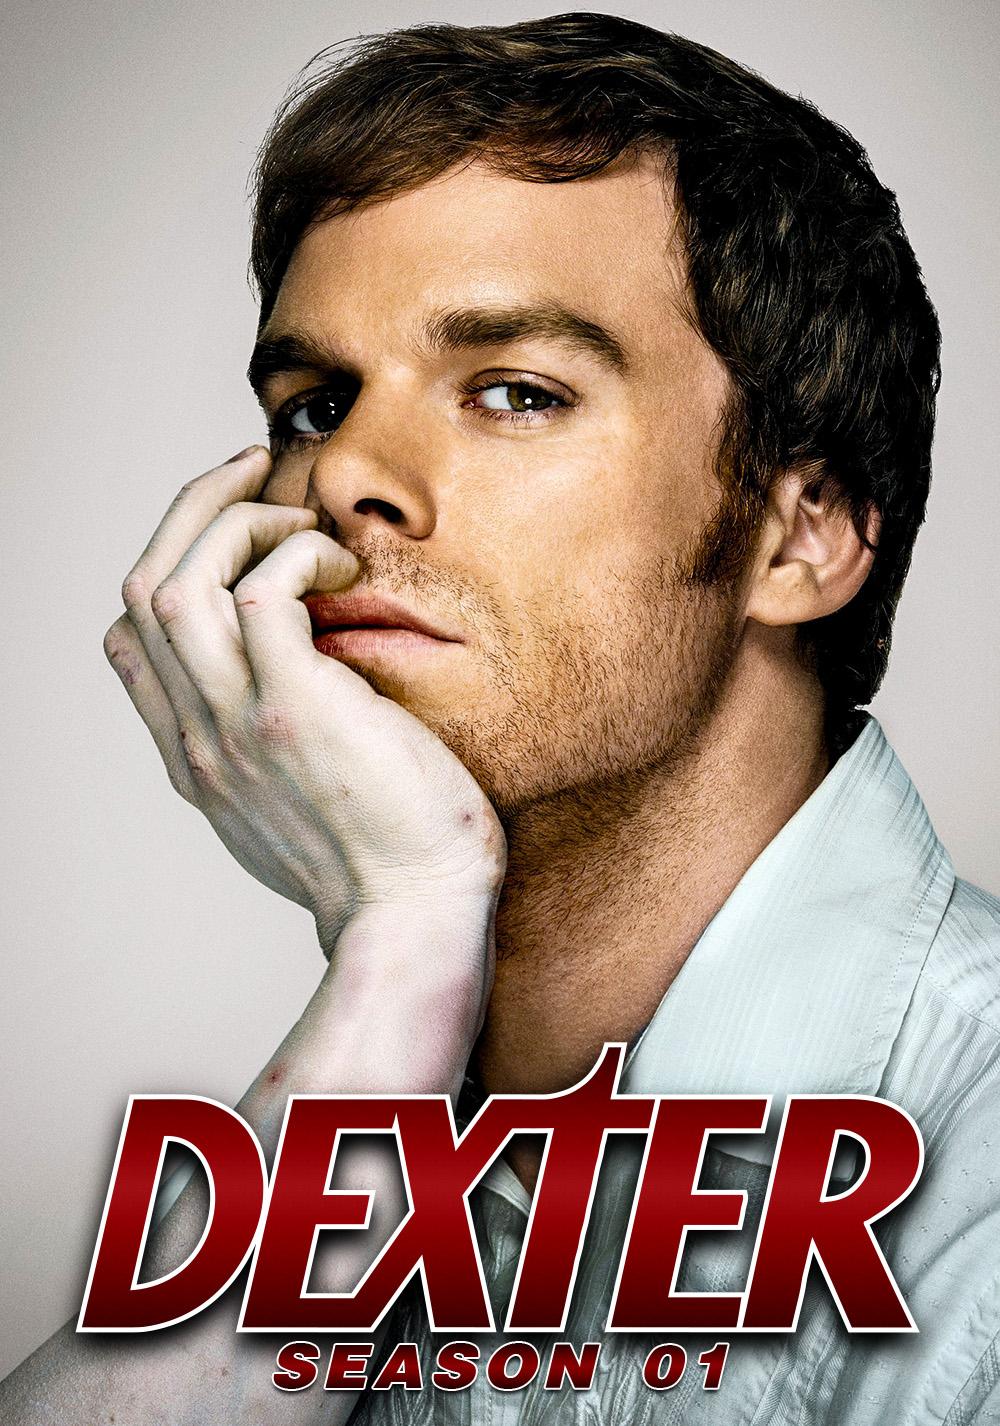 dexter-5352d0ce4114d.jpg